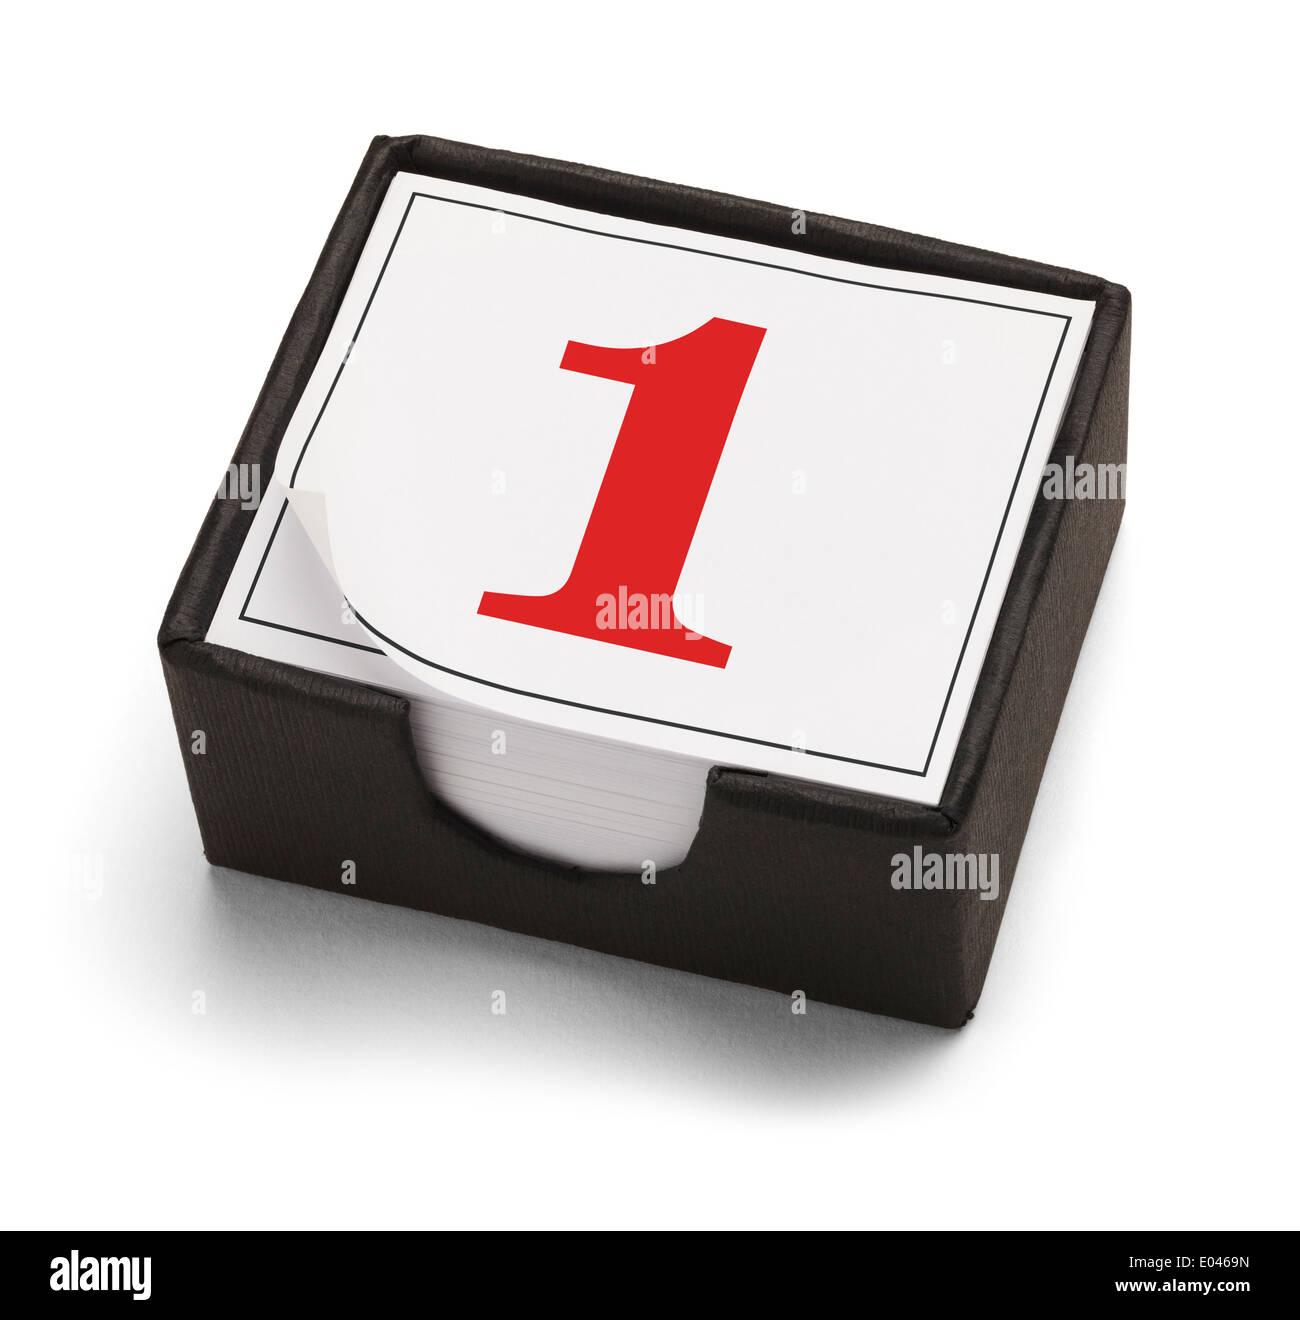 Calendario de mesa con el primer día o número 1 en rojo aislado sobre un fondo blanco. Imagen De Stock